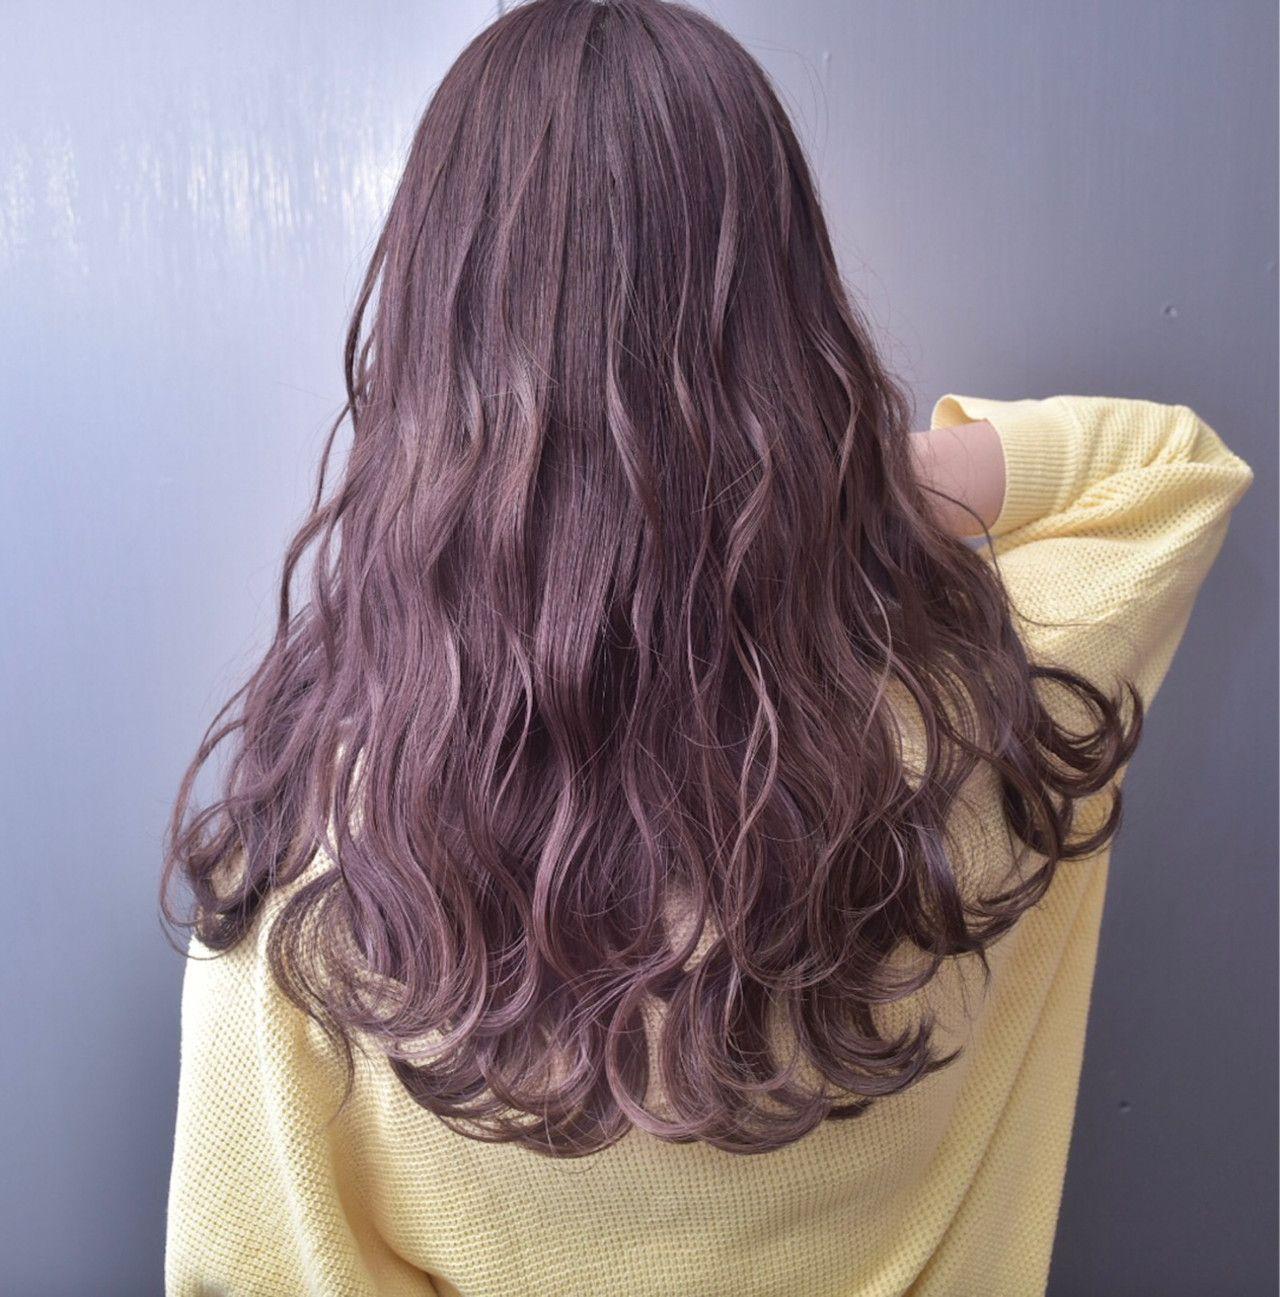 髪色自由ならやってみたいカラーがこれ 女子っぽピンクラベンダーアッシュで甘く見せて 髪 色 髪 カラー バイオレット ヘアカラー